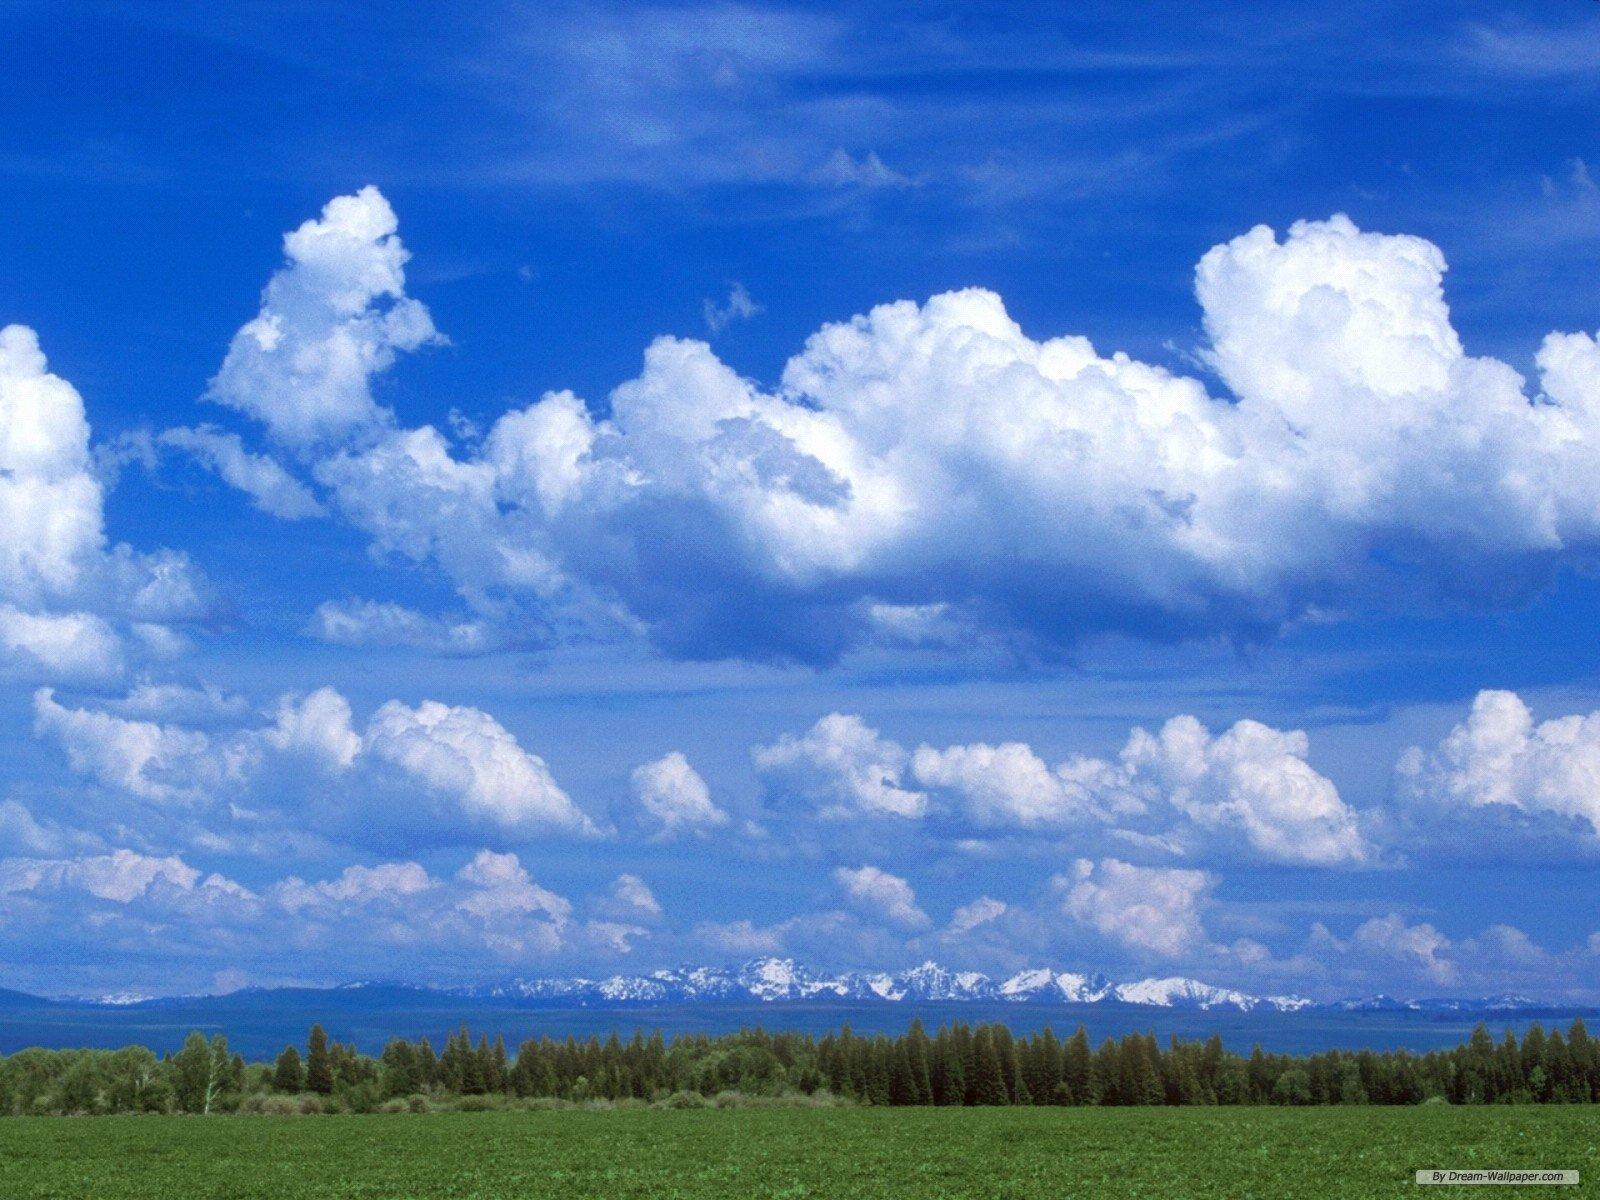 Blue cloud Wallpaper Wallpapers   High resolution Desktop 1600x1200